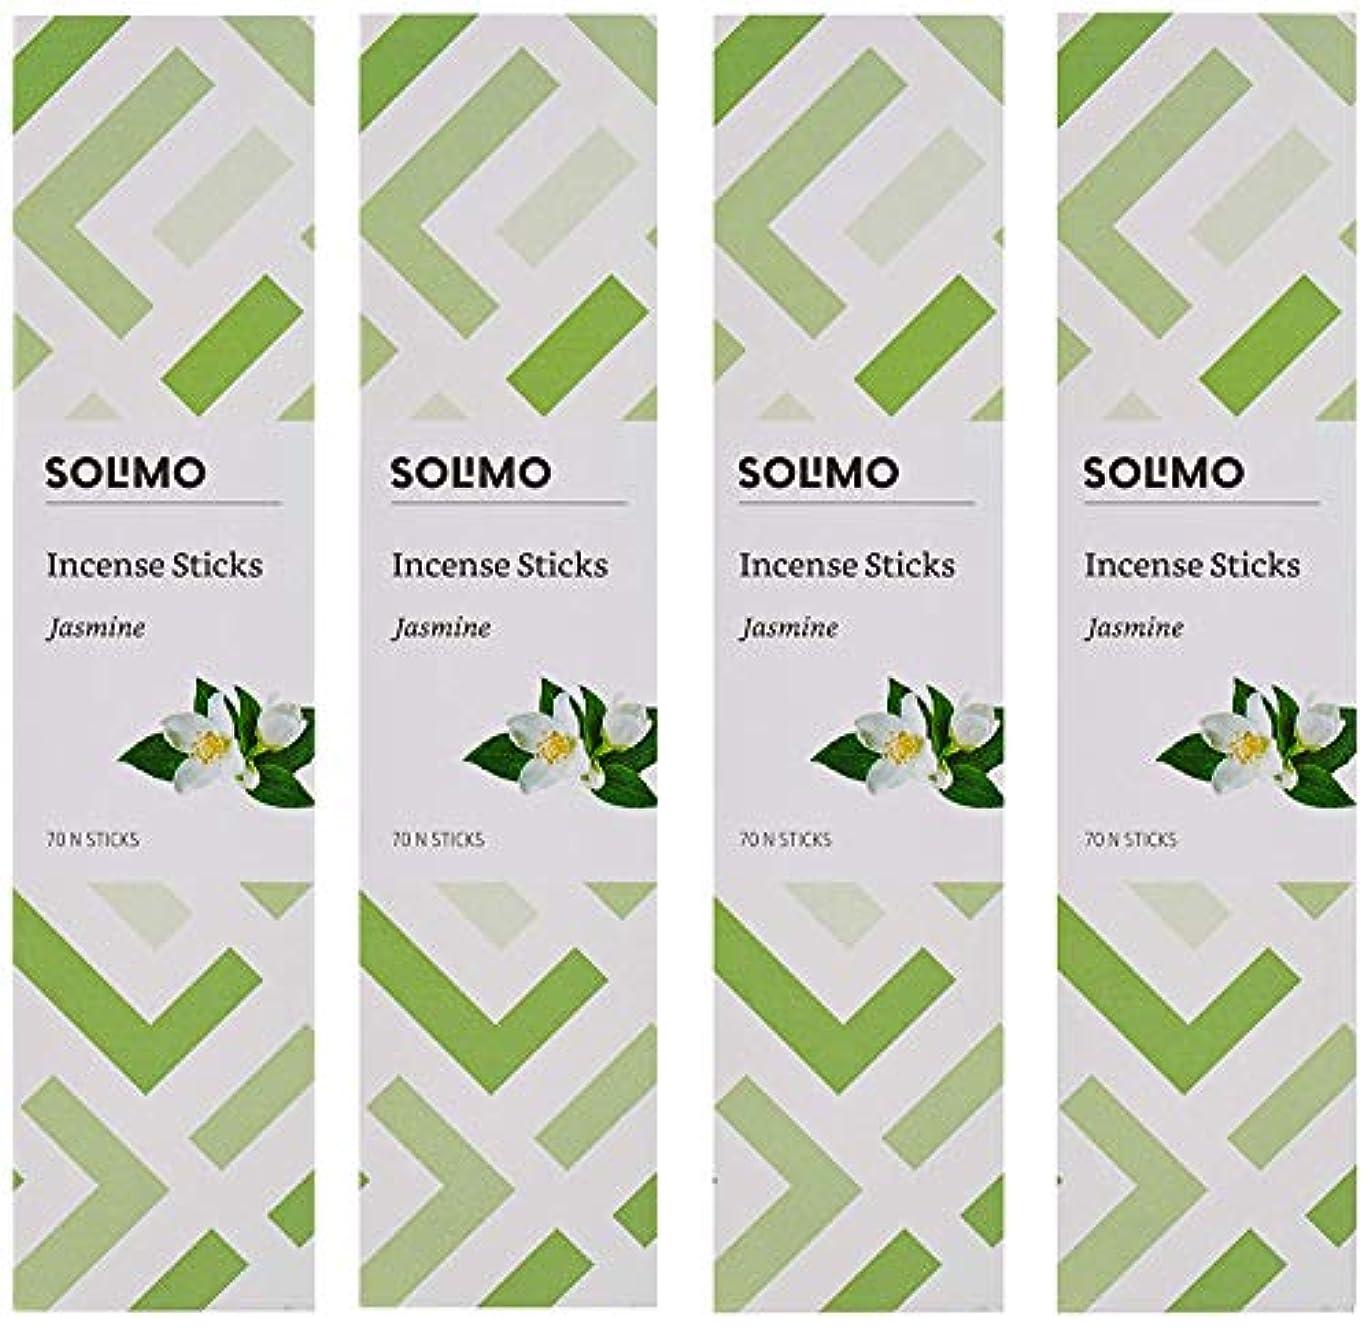 アドバイスごみと闘うAmazon Brand - Solimo Incense Sticks, Jasmine - 70 sticks/pack (Pack of 4)